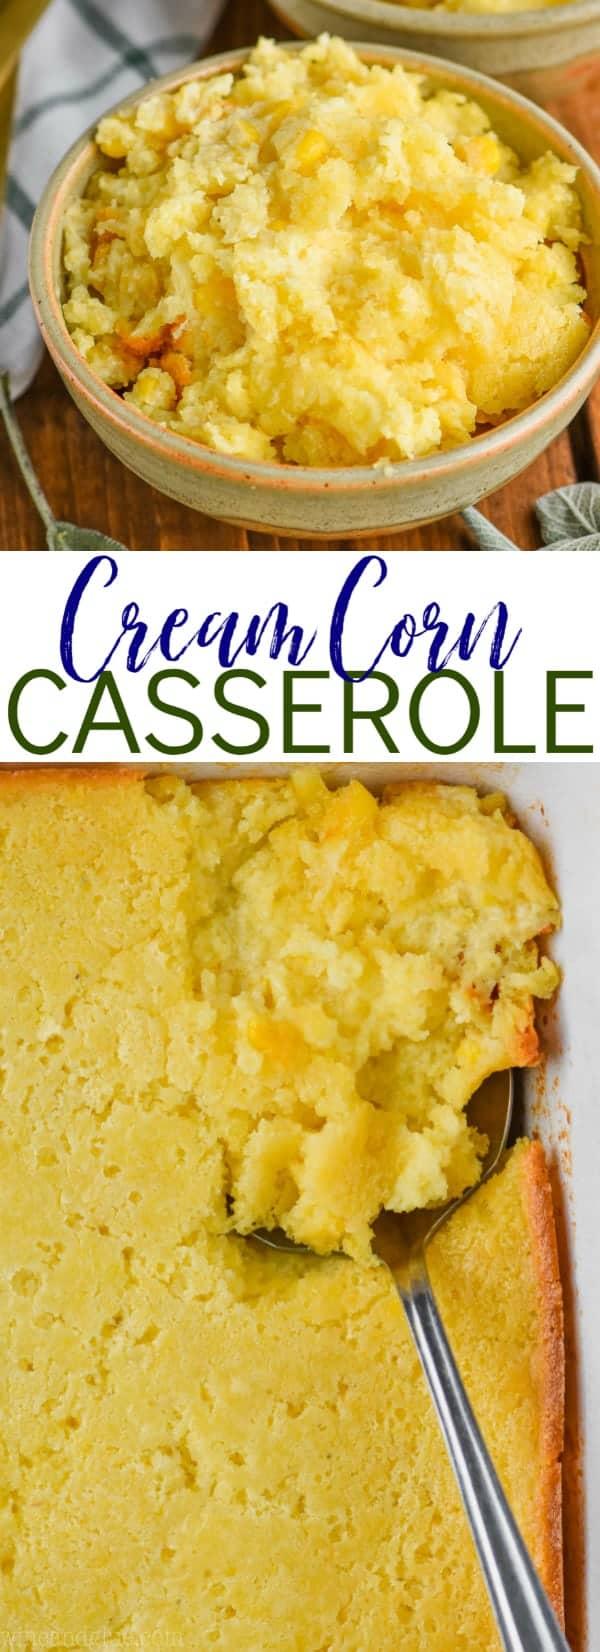 cream corn casserole photo collage